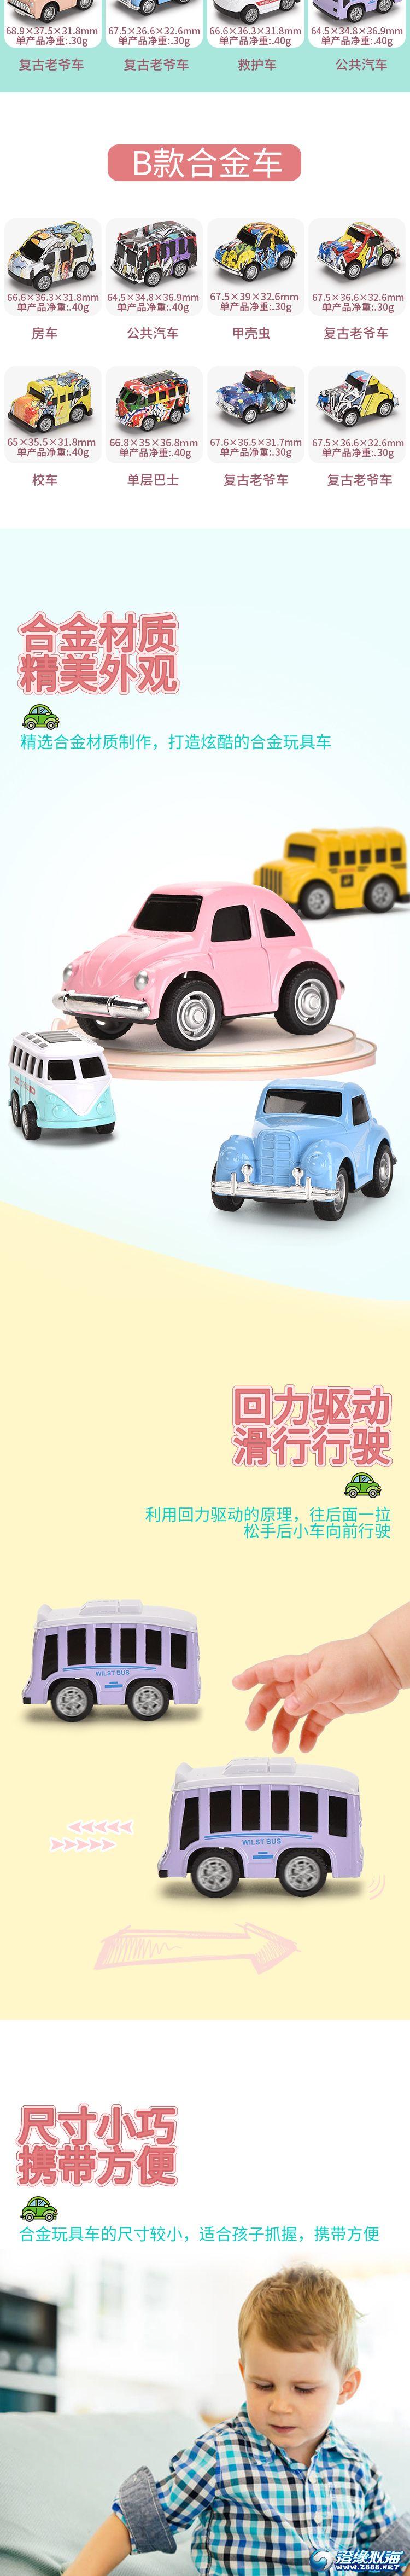 天纳玩具厂-(1128、1129)-mini合金车-中文版详情_02.jpg